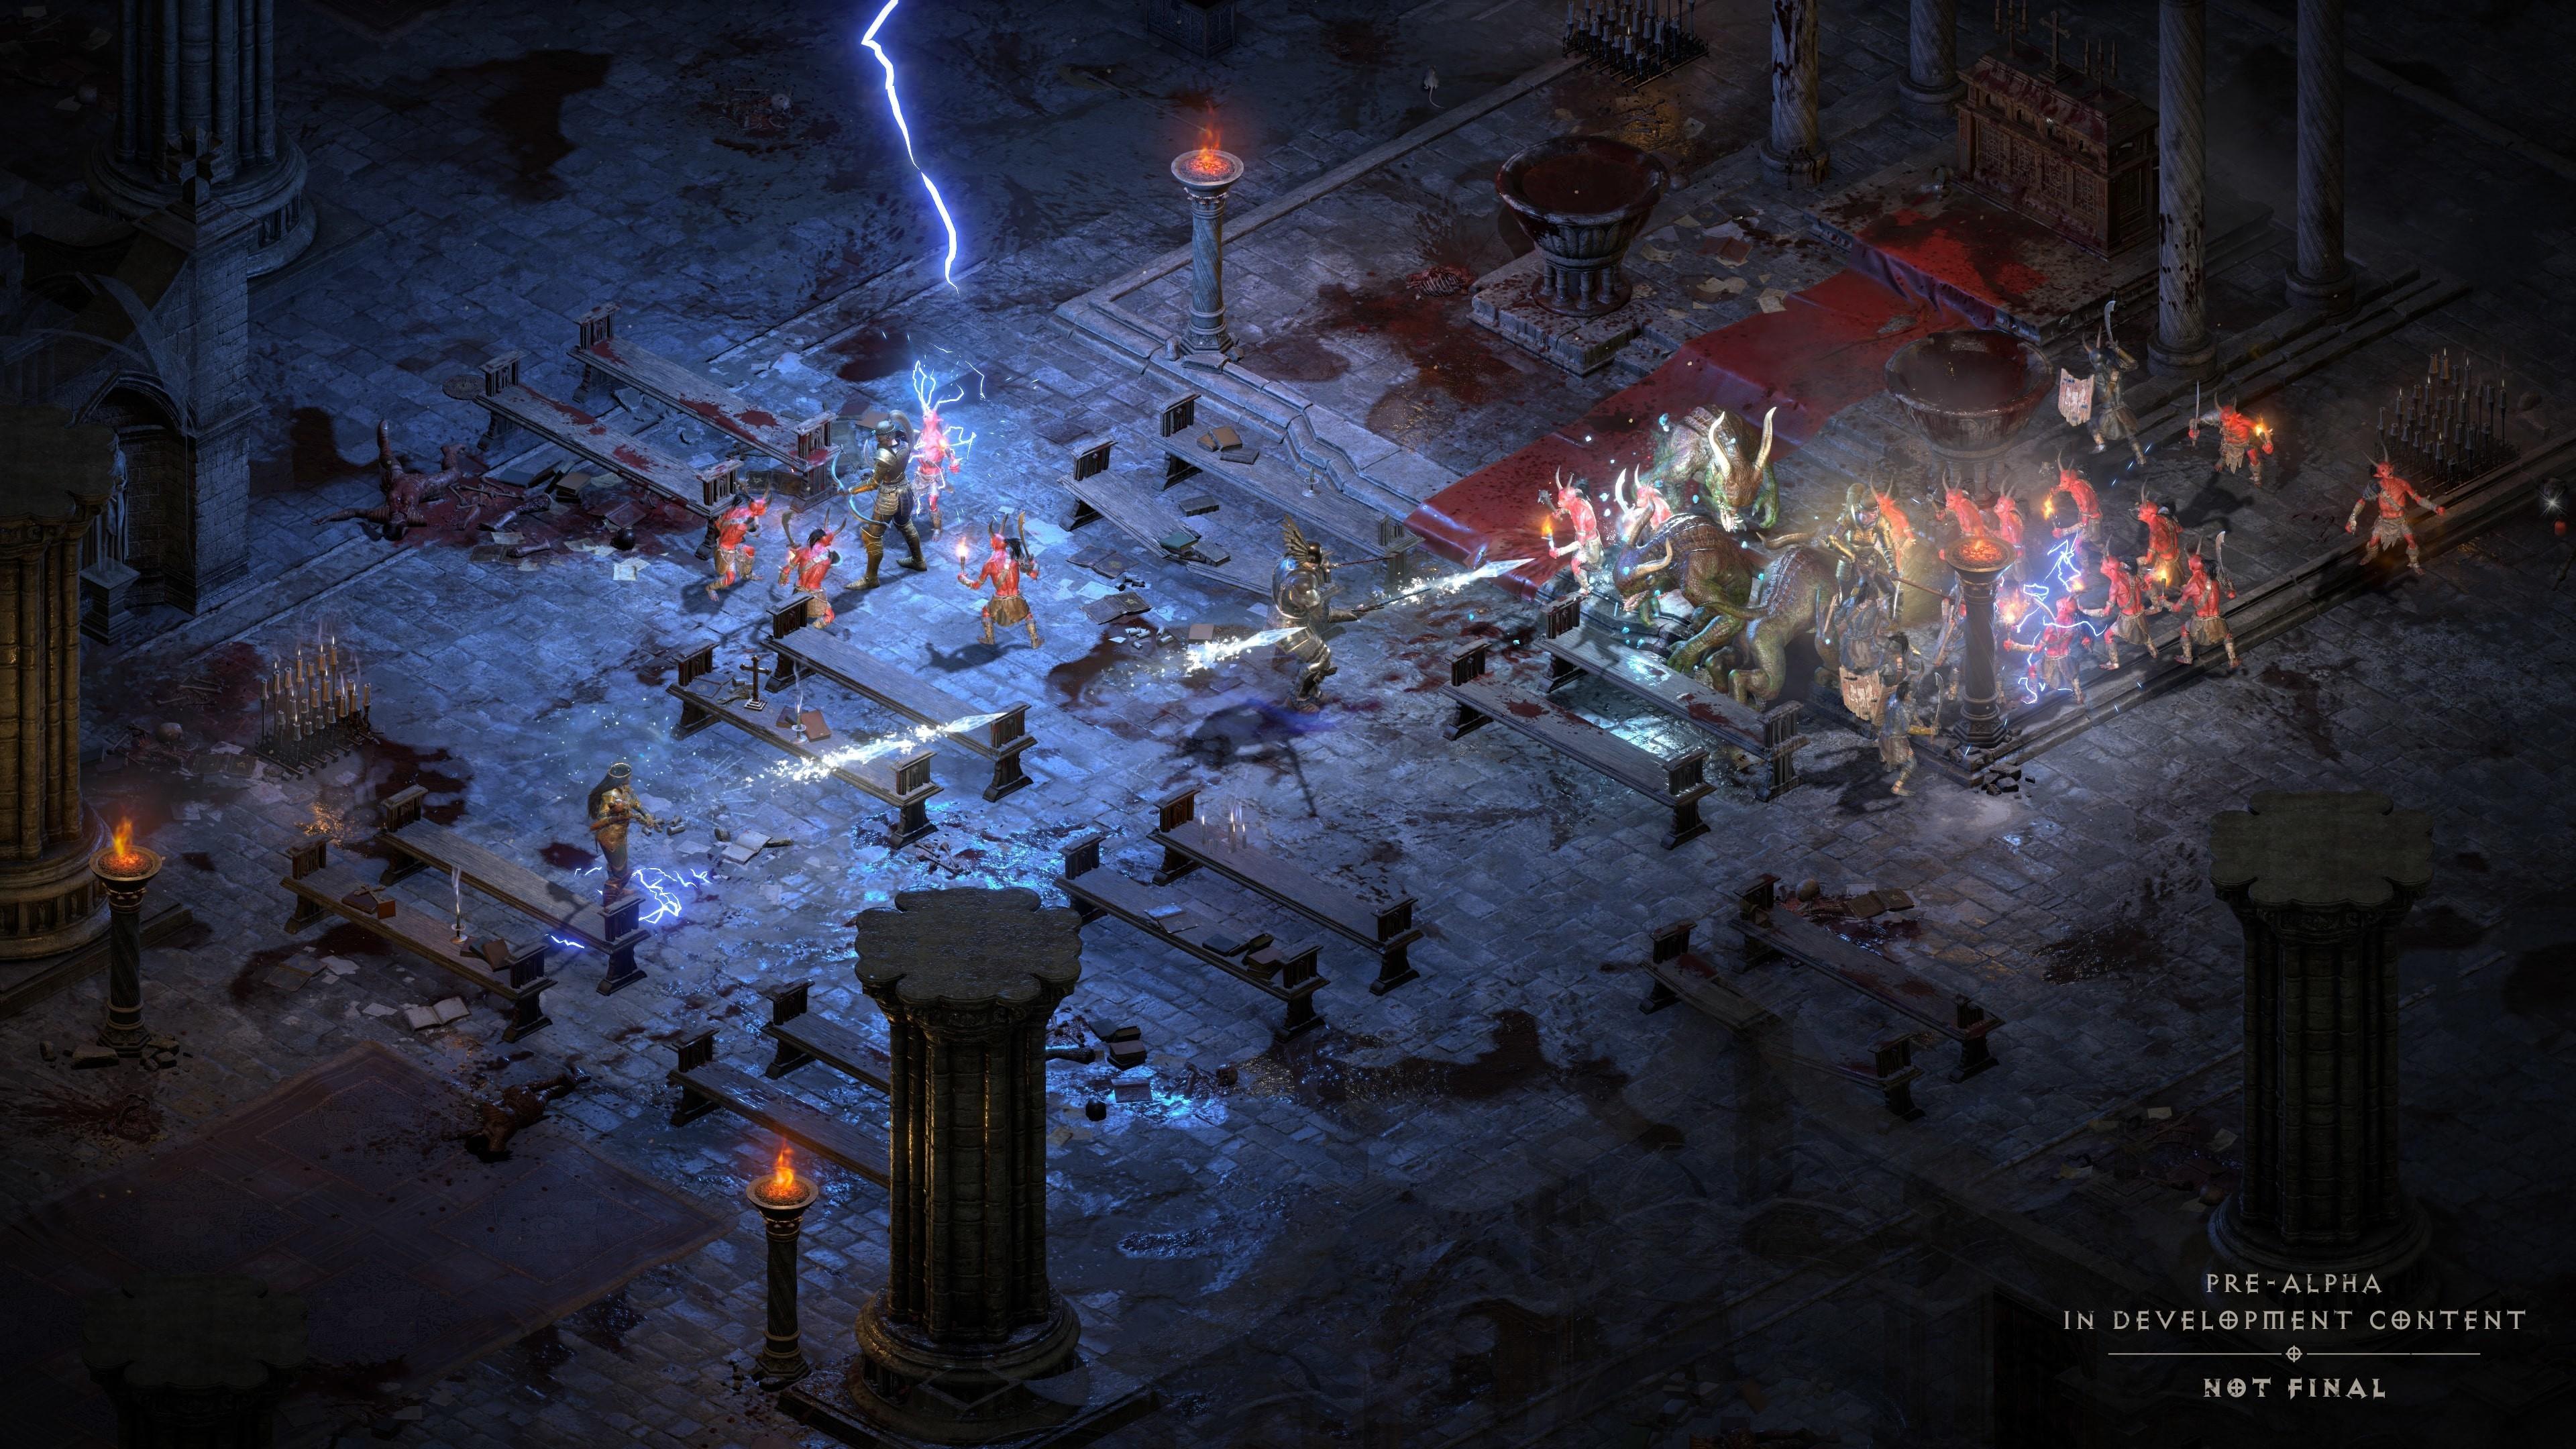 Второго Reforged не будет. Интервью с авторами Diablo 2: Resurrected